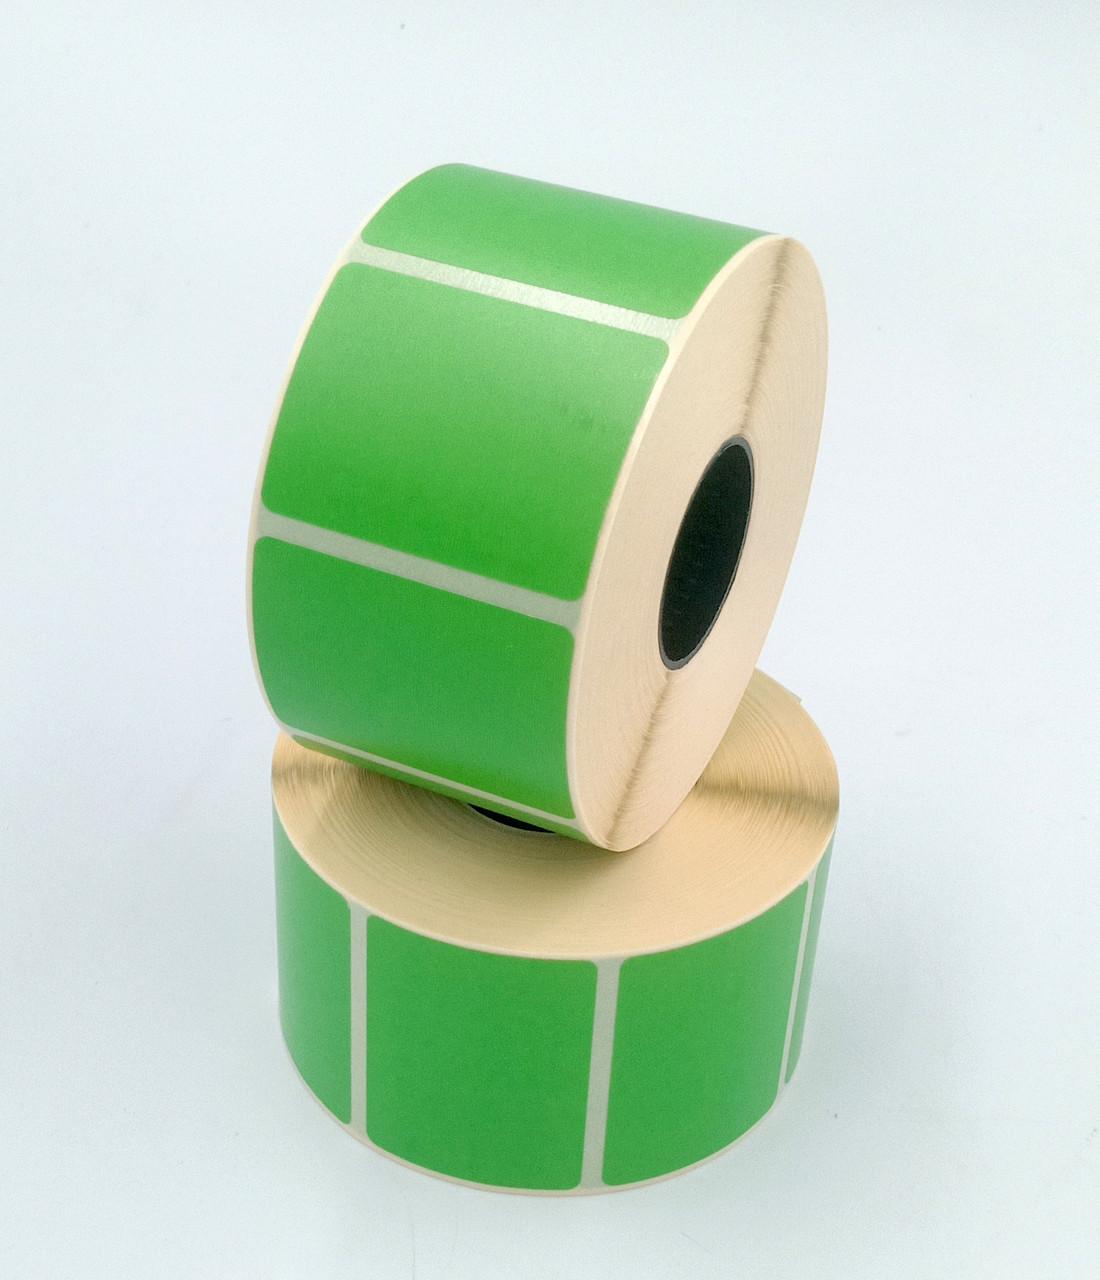 Mobitehnika Термоетикетка для весов, етикеточних принтерів Т.Еко пантон зелена 40*30 1000шт вт. 25мм